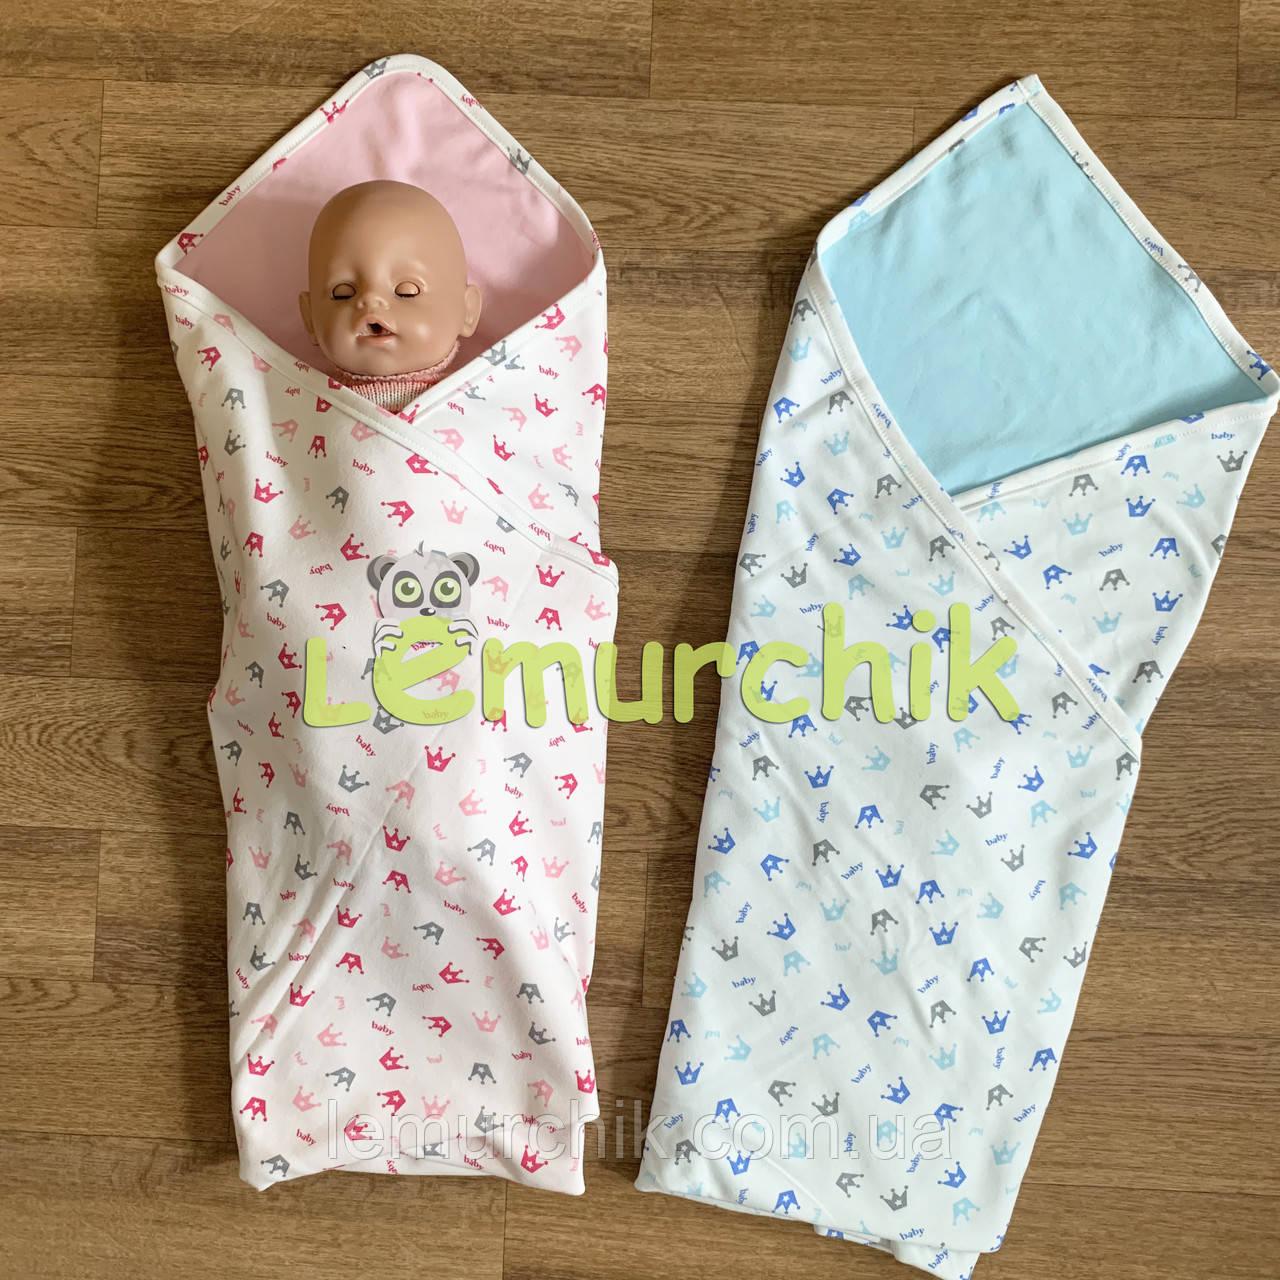 """Конверт-плед двухсторонний для новорожденных легкий на выписку и в коляску """"Принц/Принцесса"""", на выбор"""